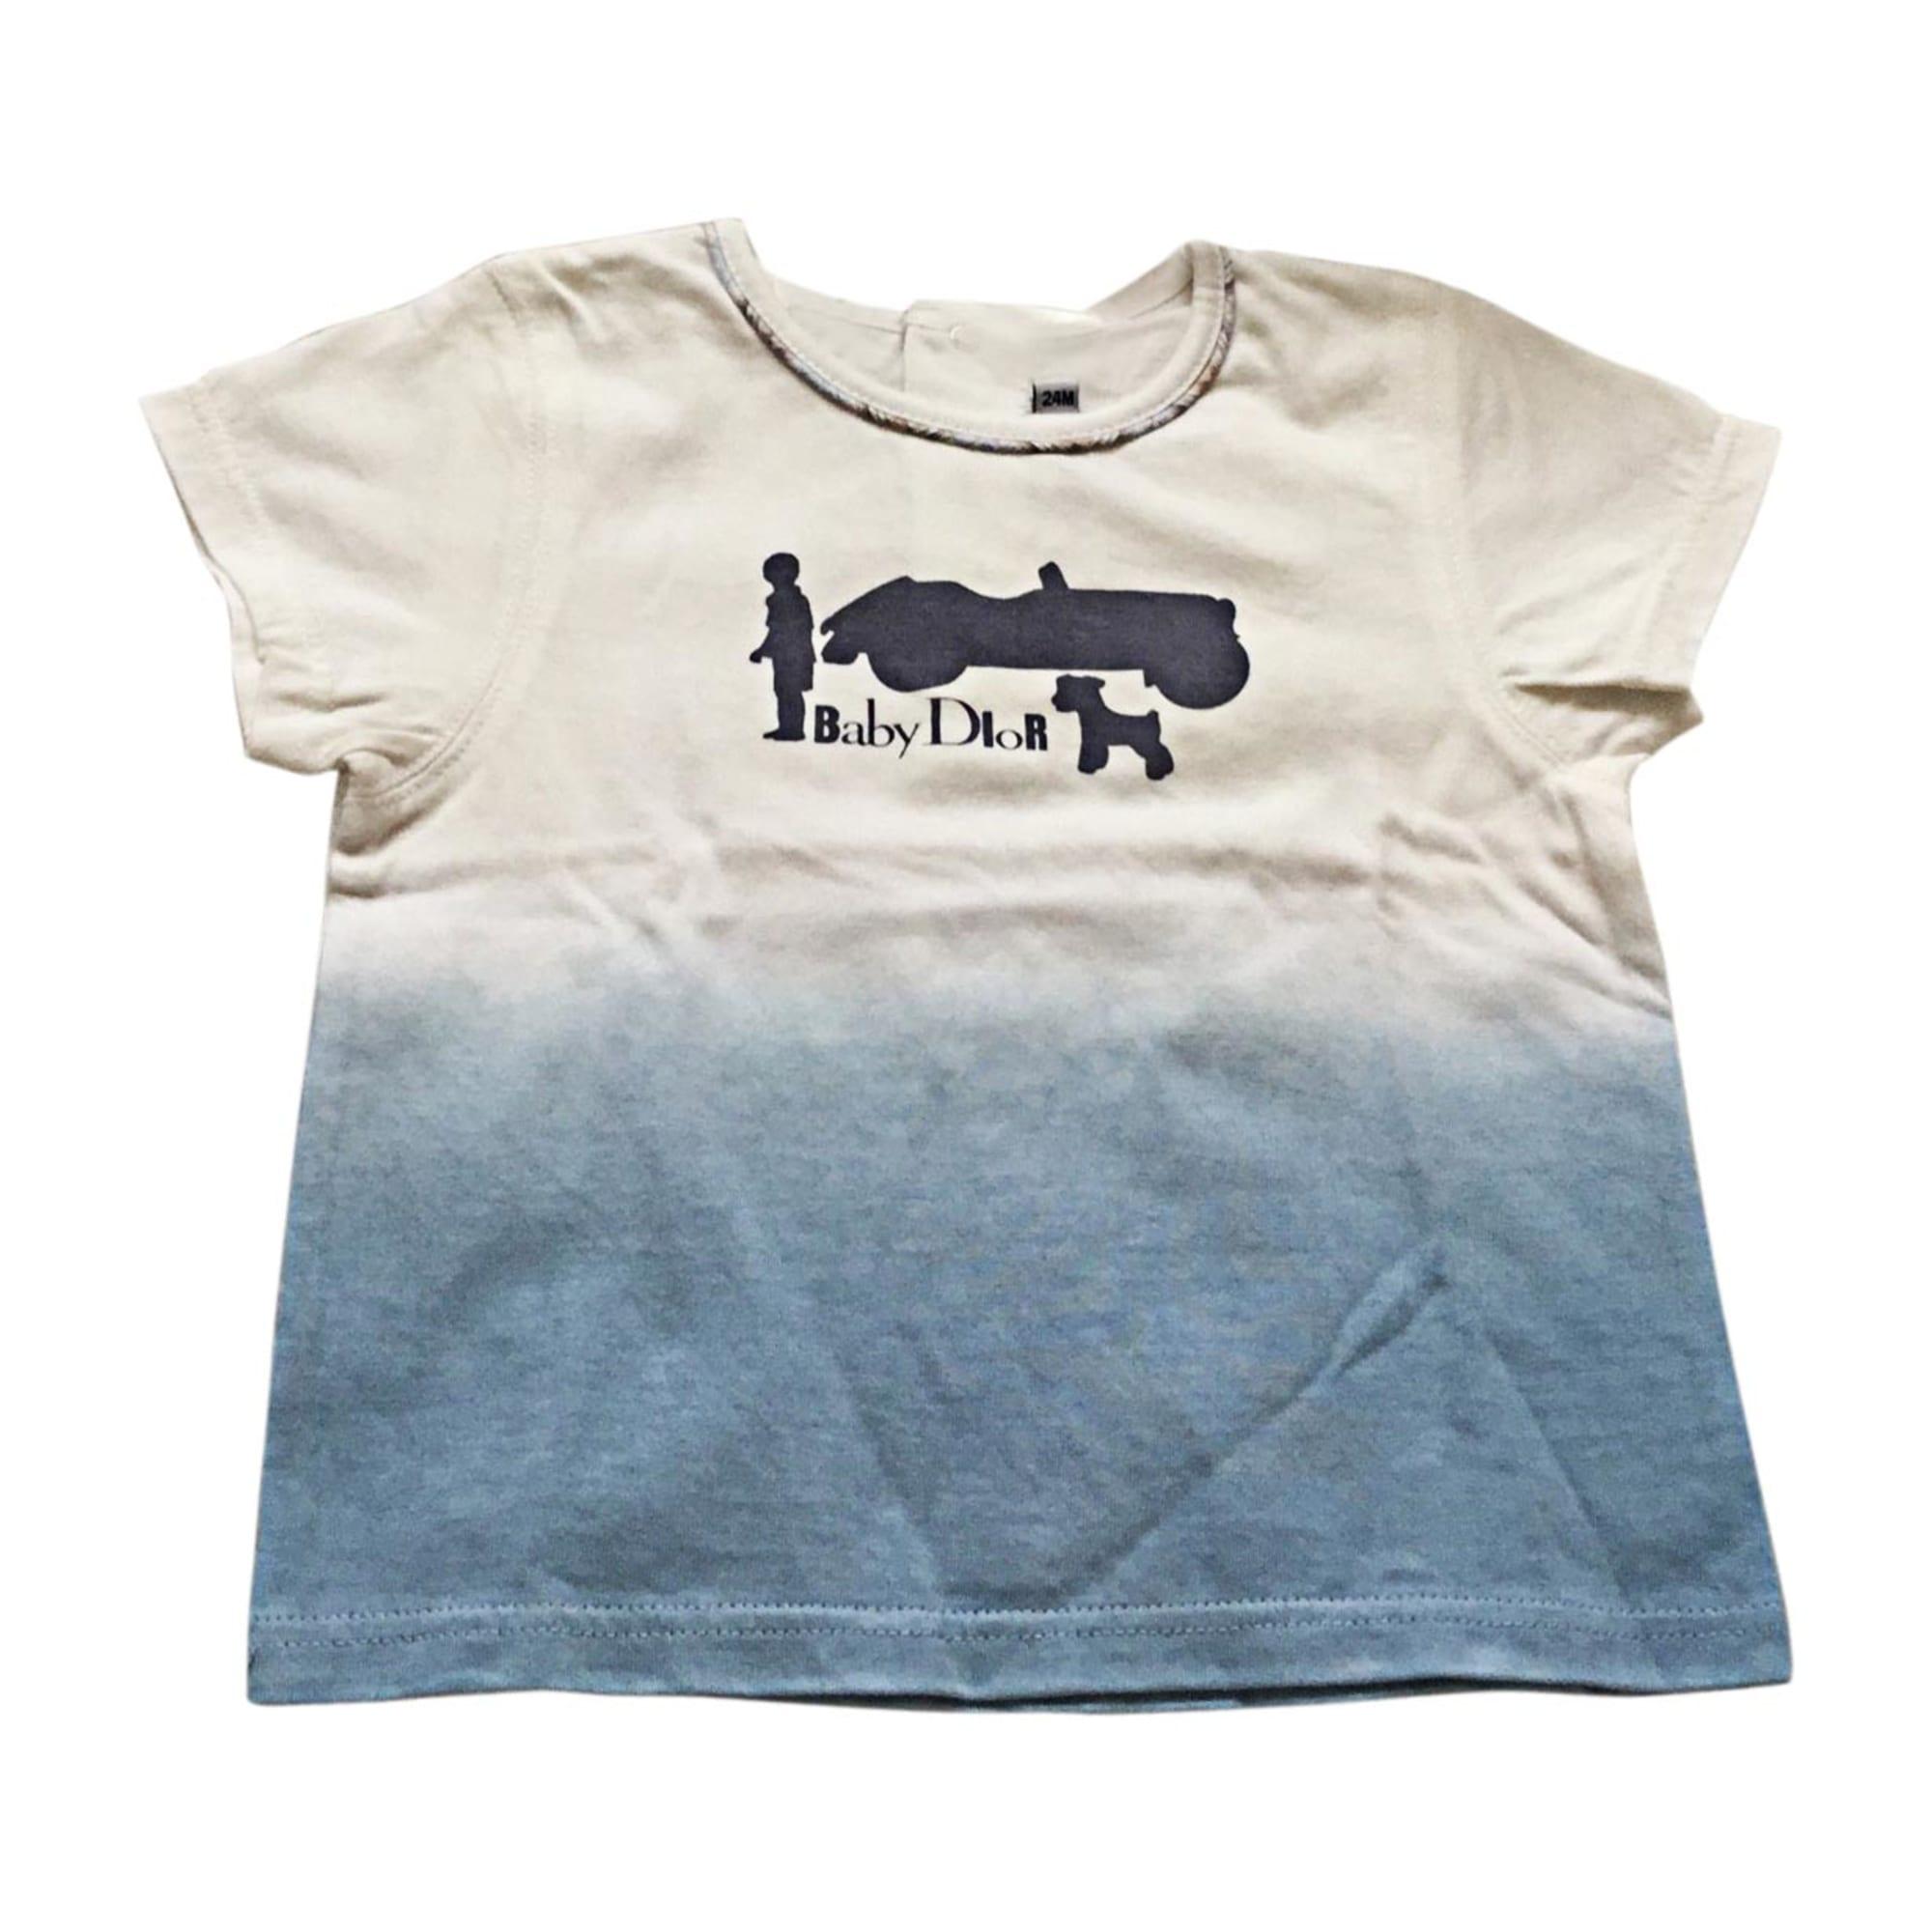 Tee-shirt BABY DIOR Bleu, bleu marine, bleu turquoise